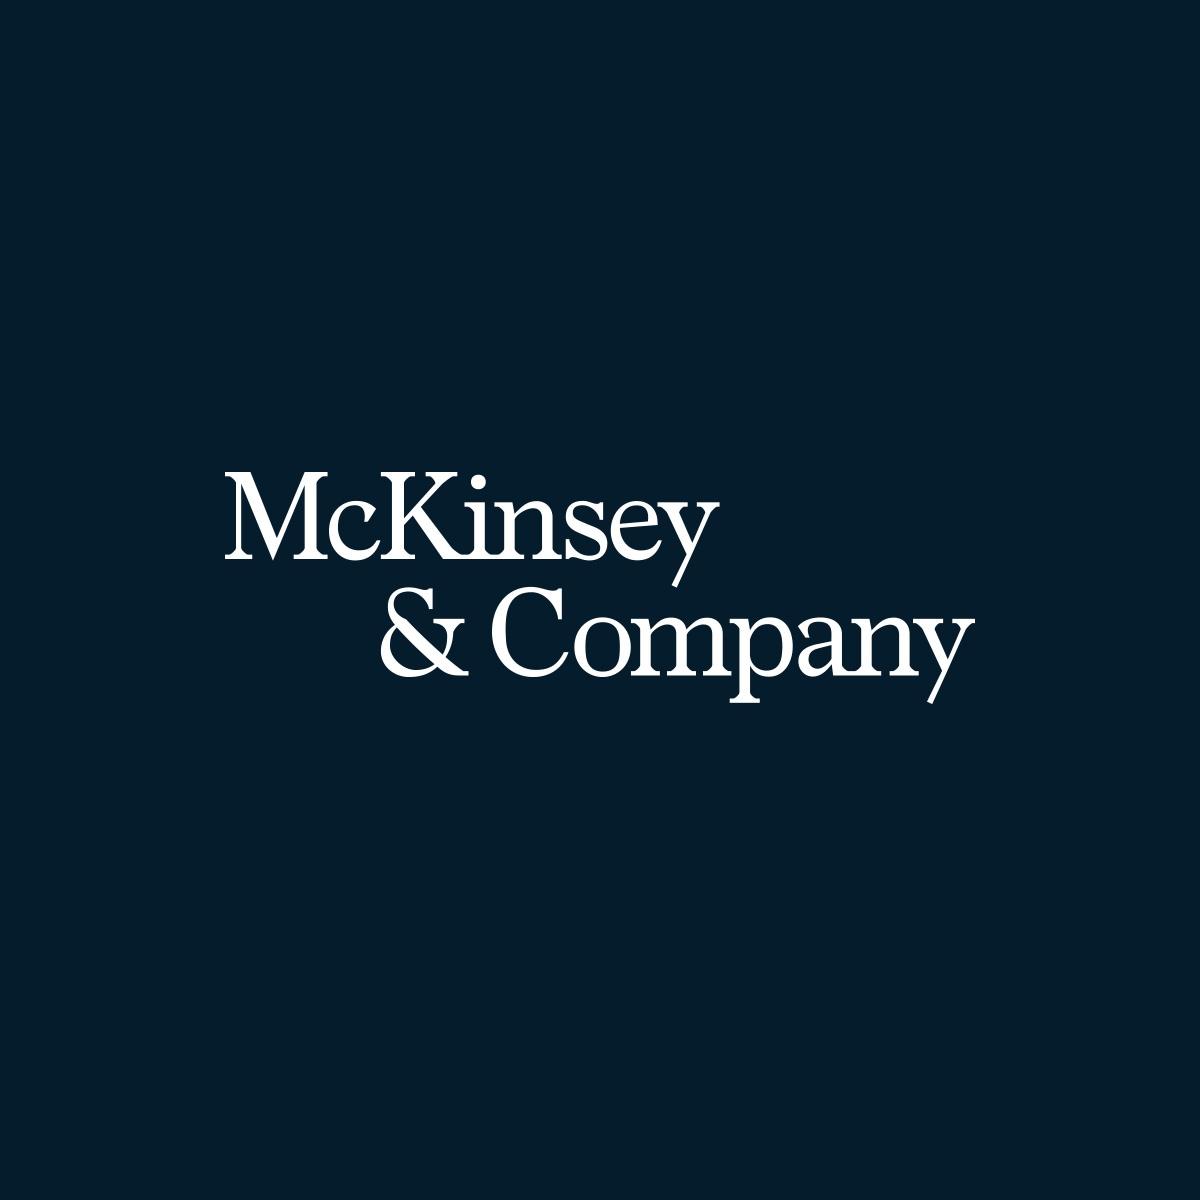 www.mckinsey.com